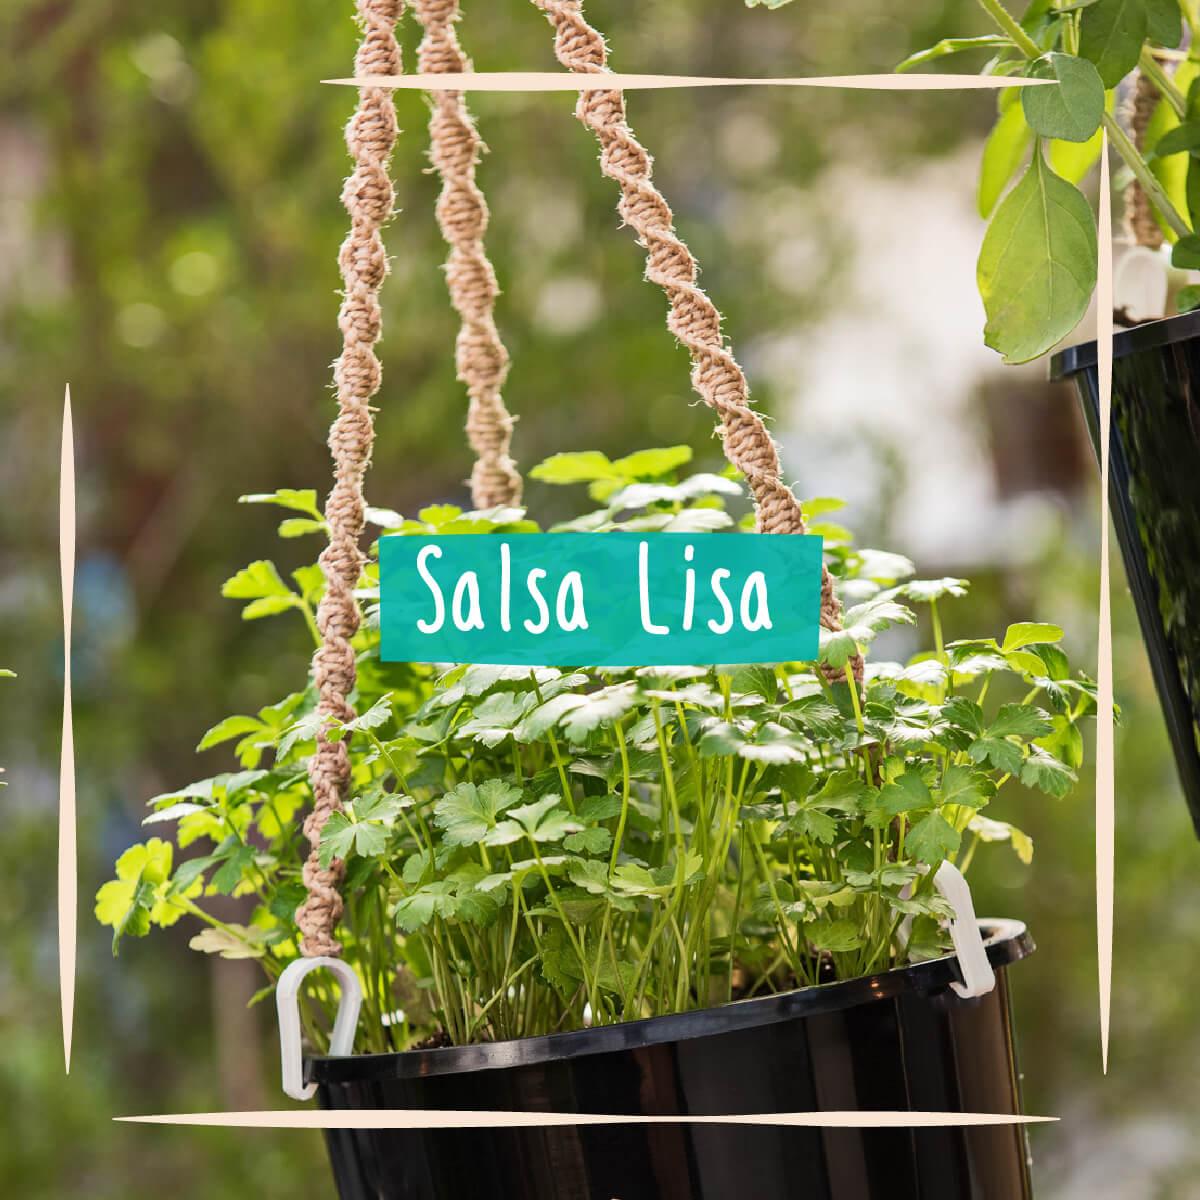 Sementes para plantar Salsa Lisa em vasos autoirrigáveis RAIZ  - Vasos Raiz Loja Oficial